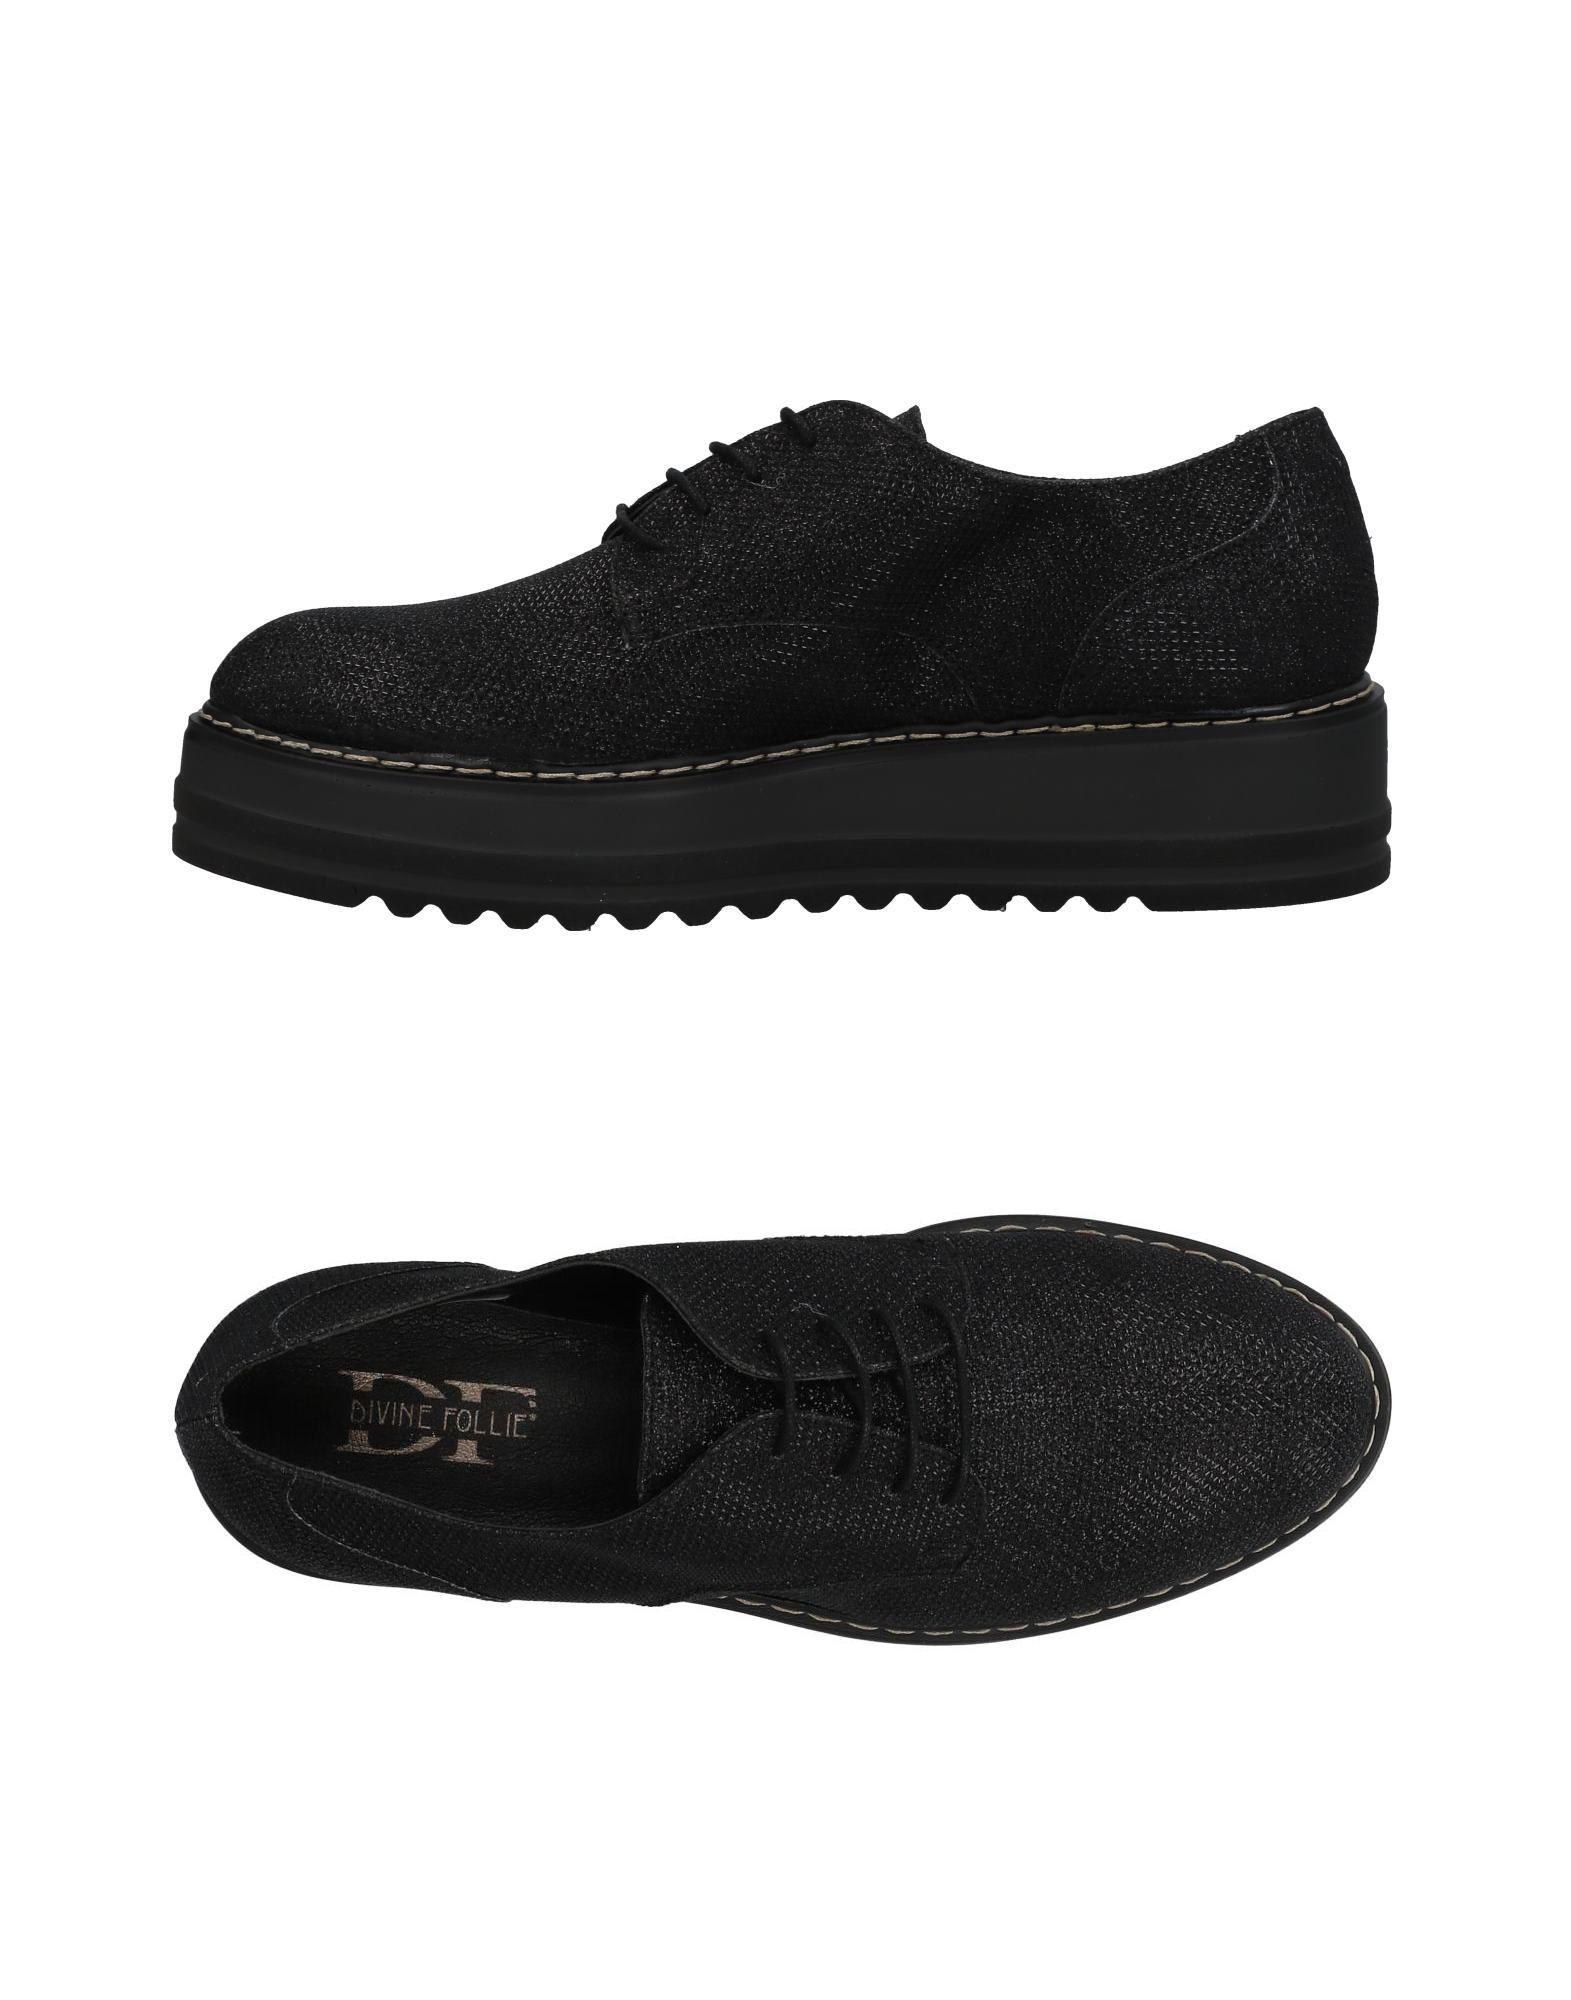 DIVINE FOLLIE Обувь на шнурках новые сумки кожаные мини женщины сумки